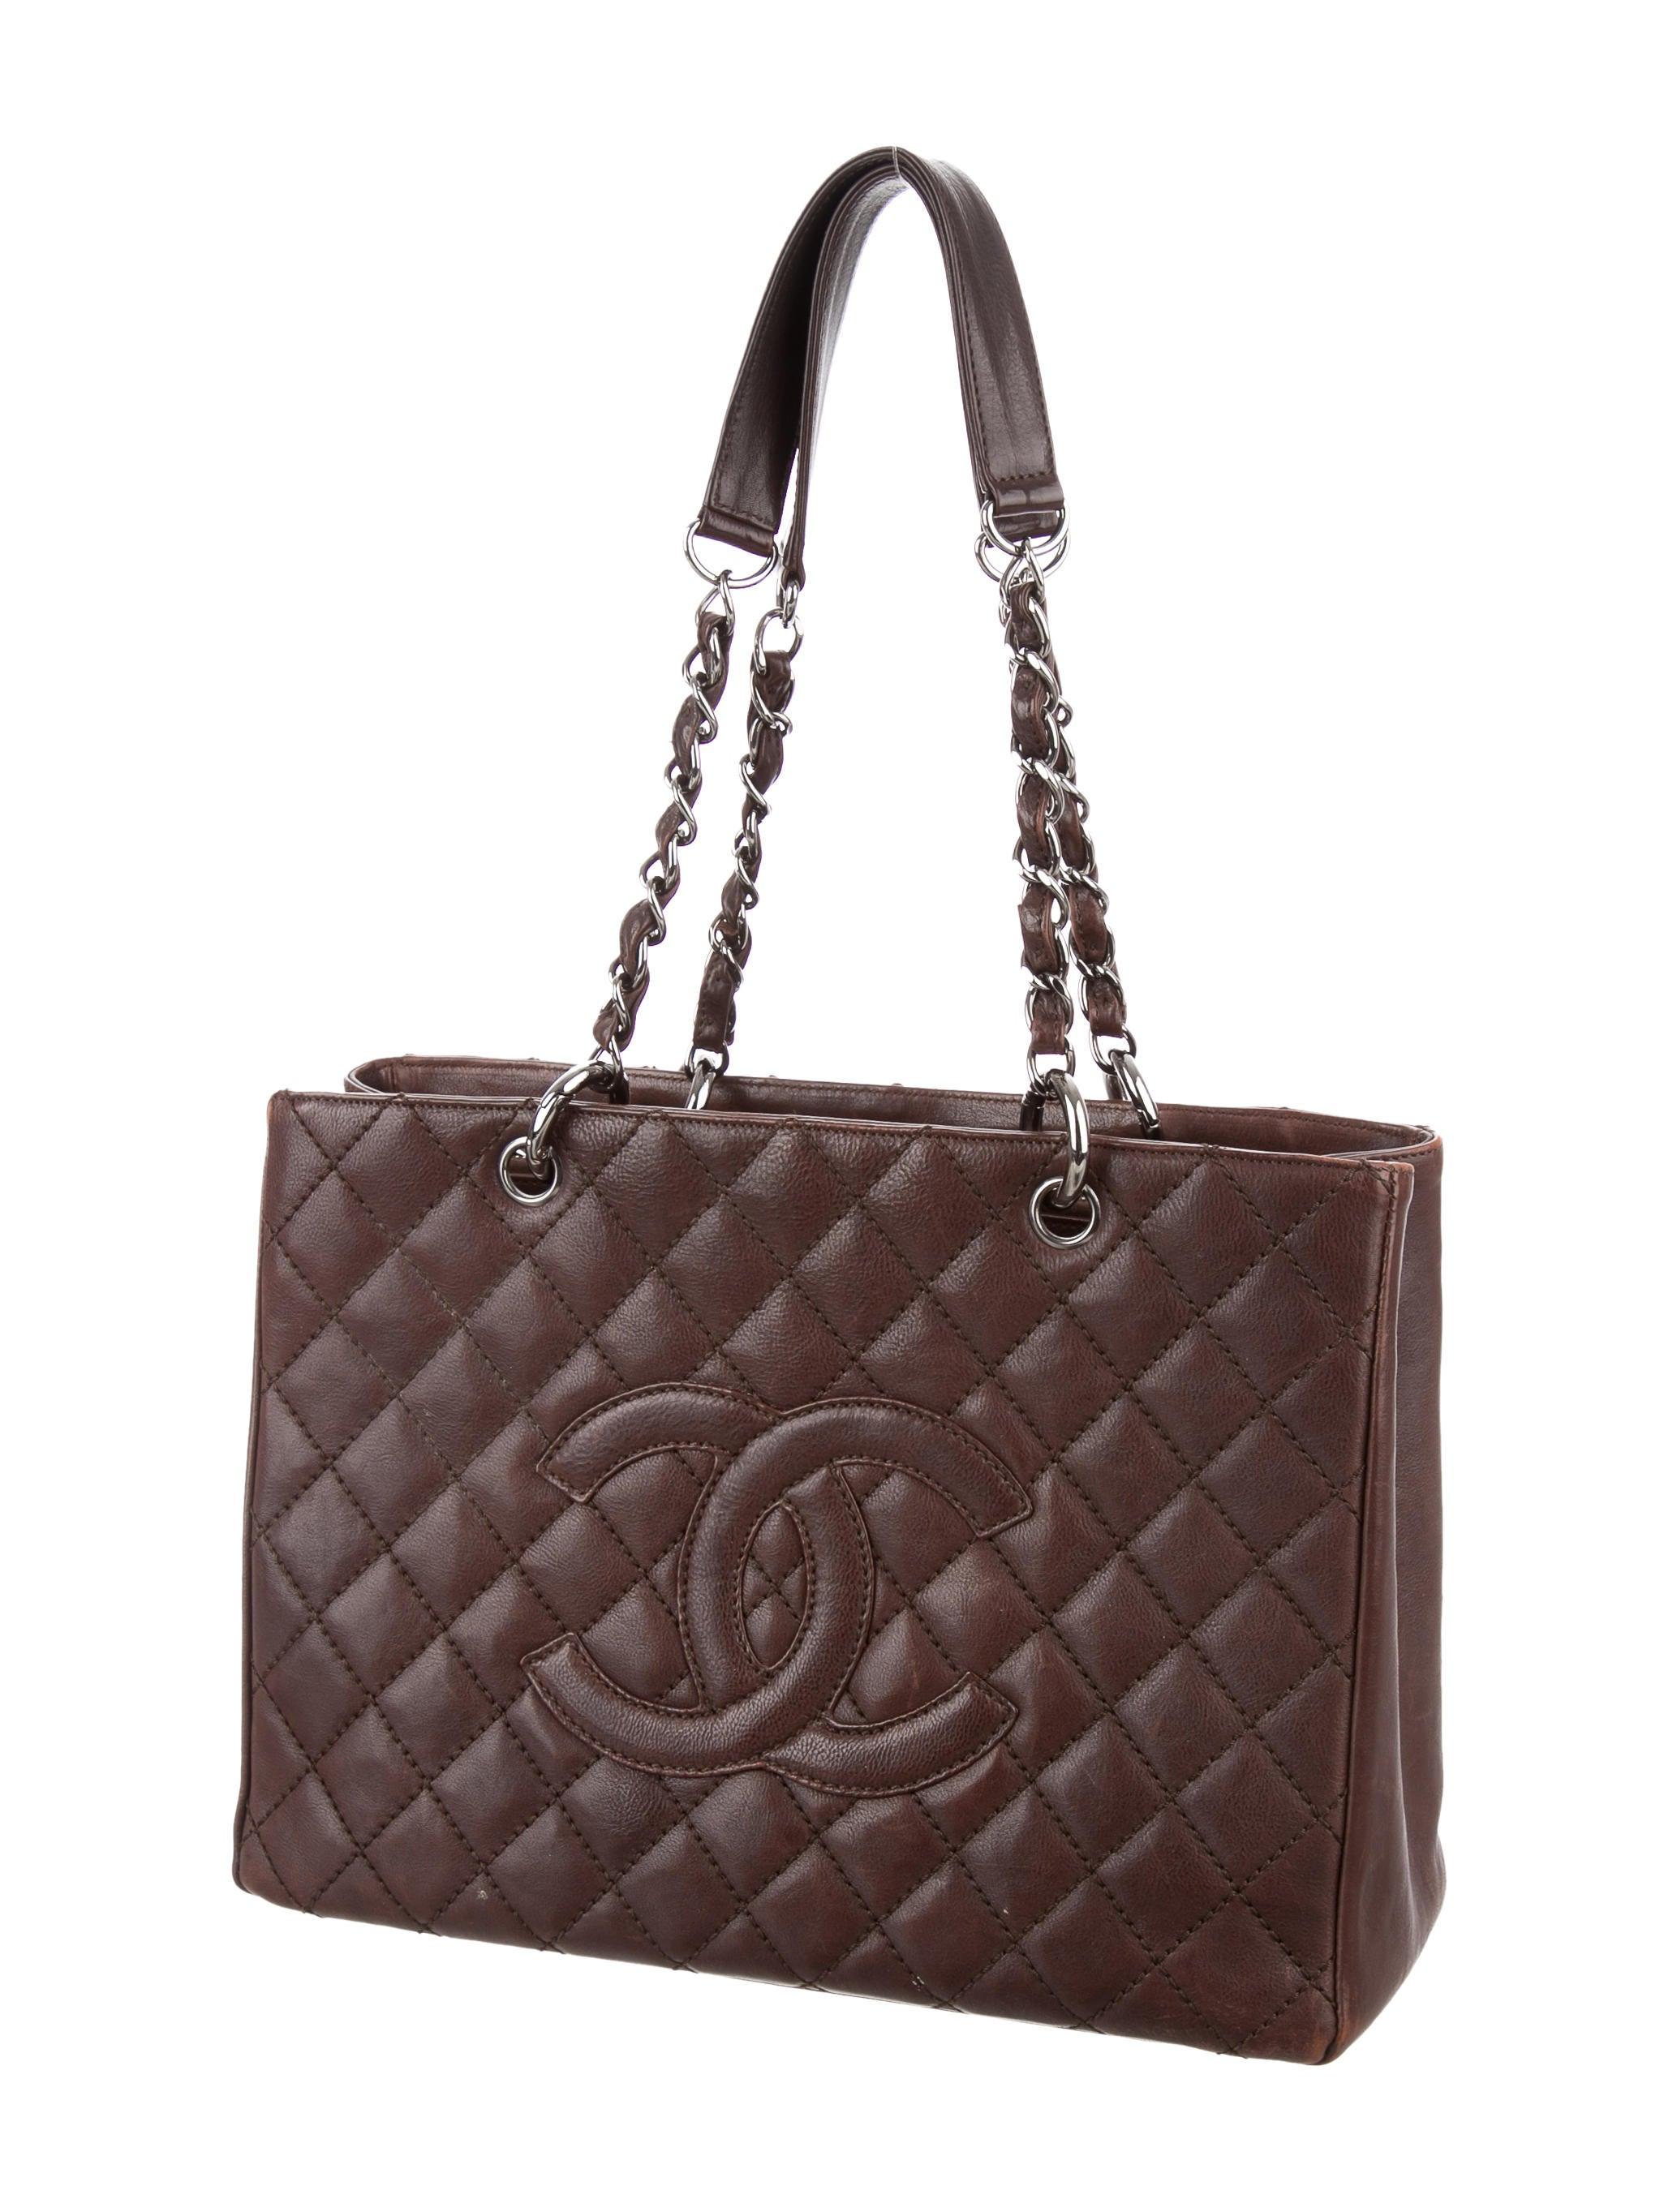 defb6c424ca04 Chanel Grand Shopping Tote - Handbags - CHA211979